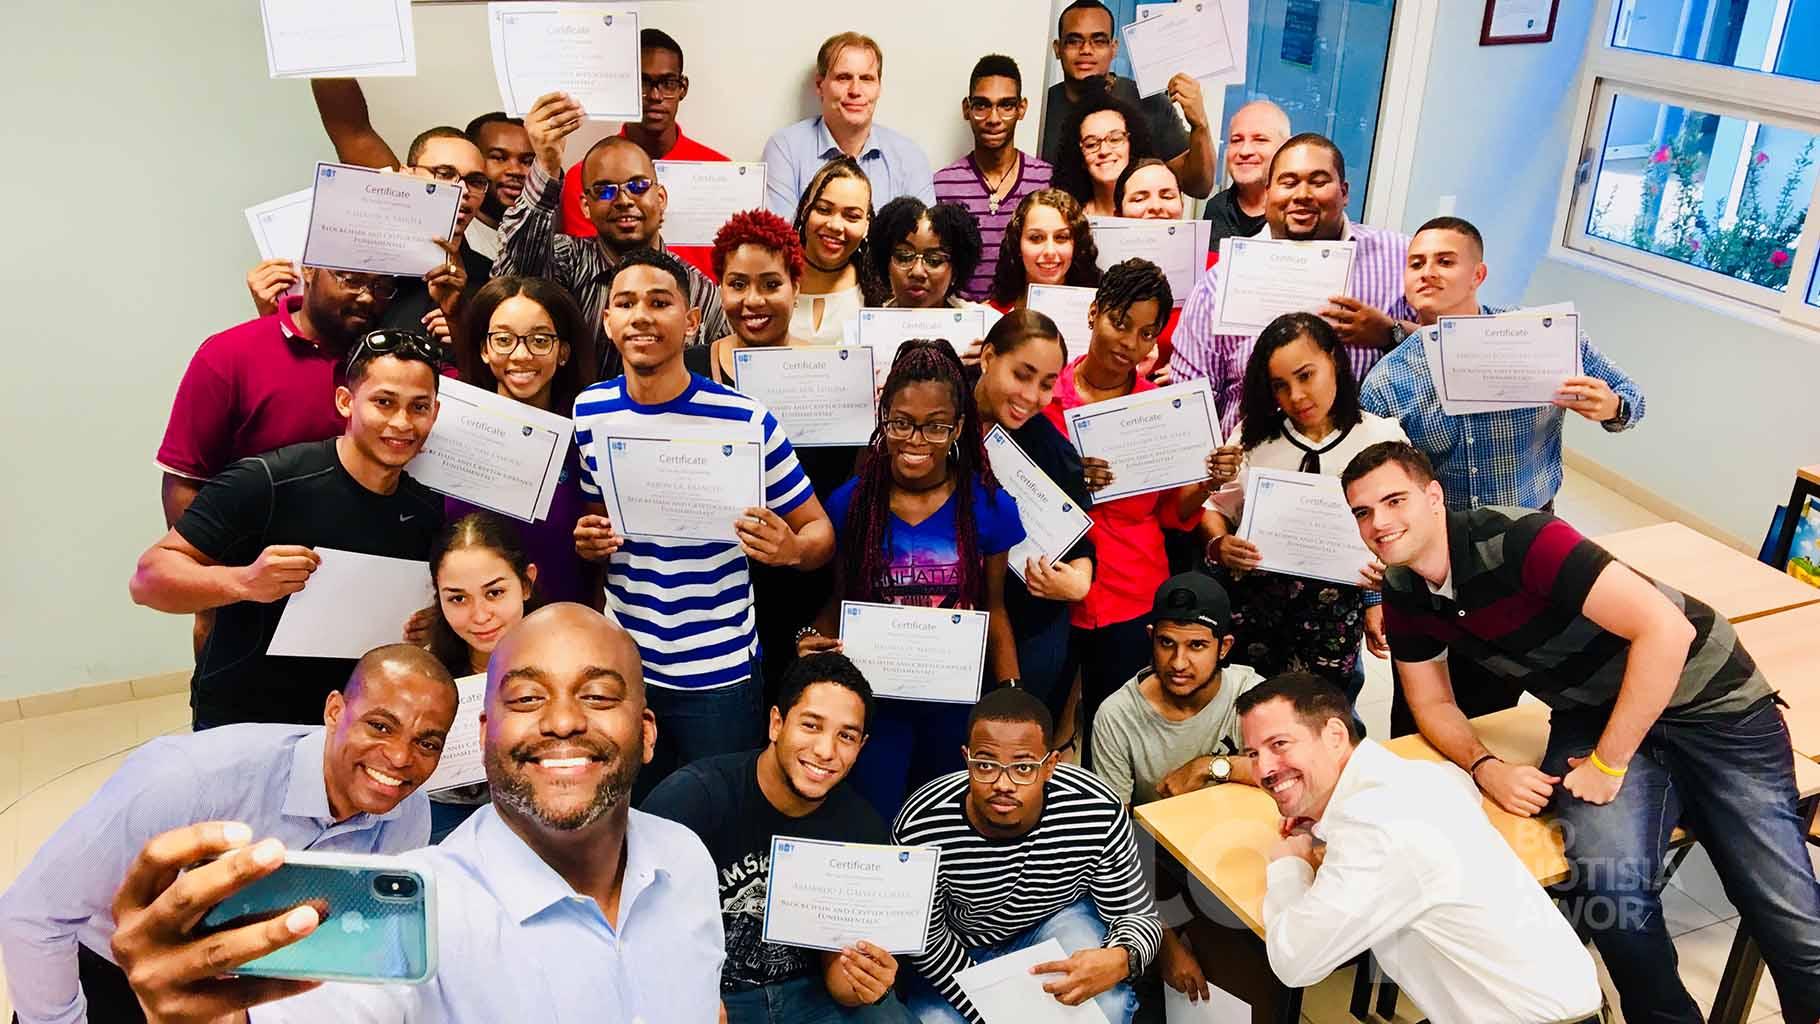 De organisatoren, Blockchain Institute of Technology en de Faculty of Engineering, Universiteit van Curaçao Dr. Moises da Costa Gomez en de studenten, zijn trots op het resultaat.